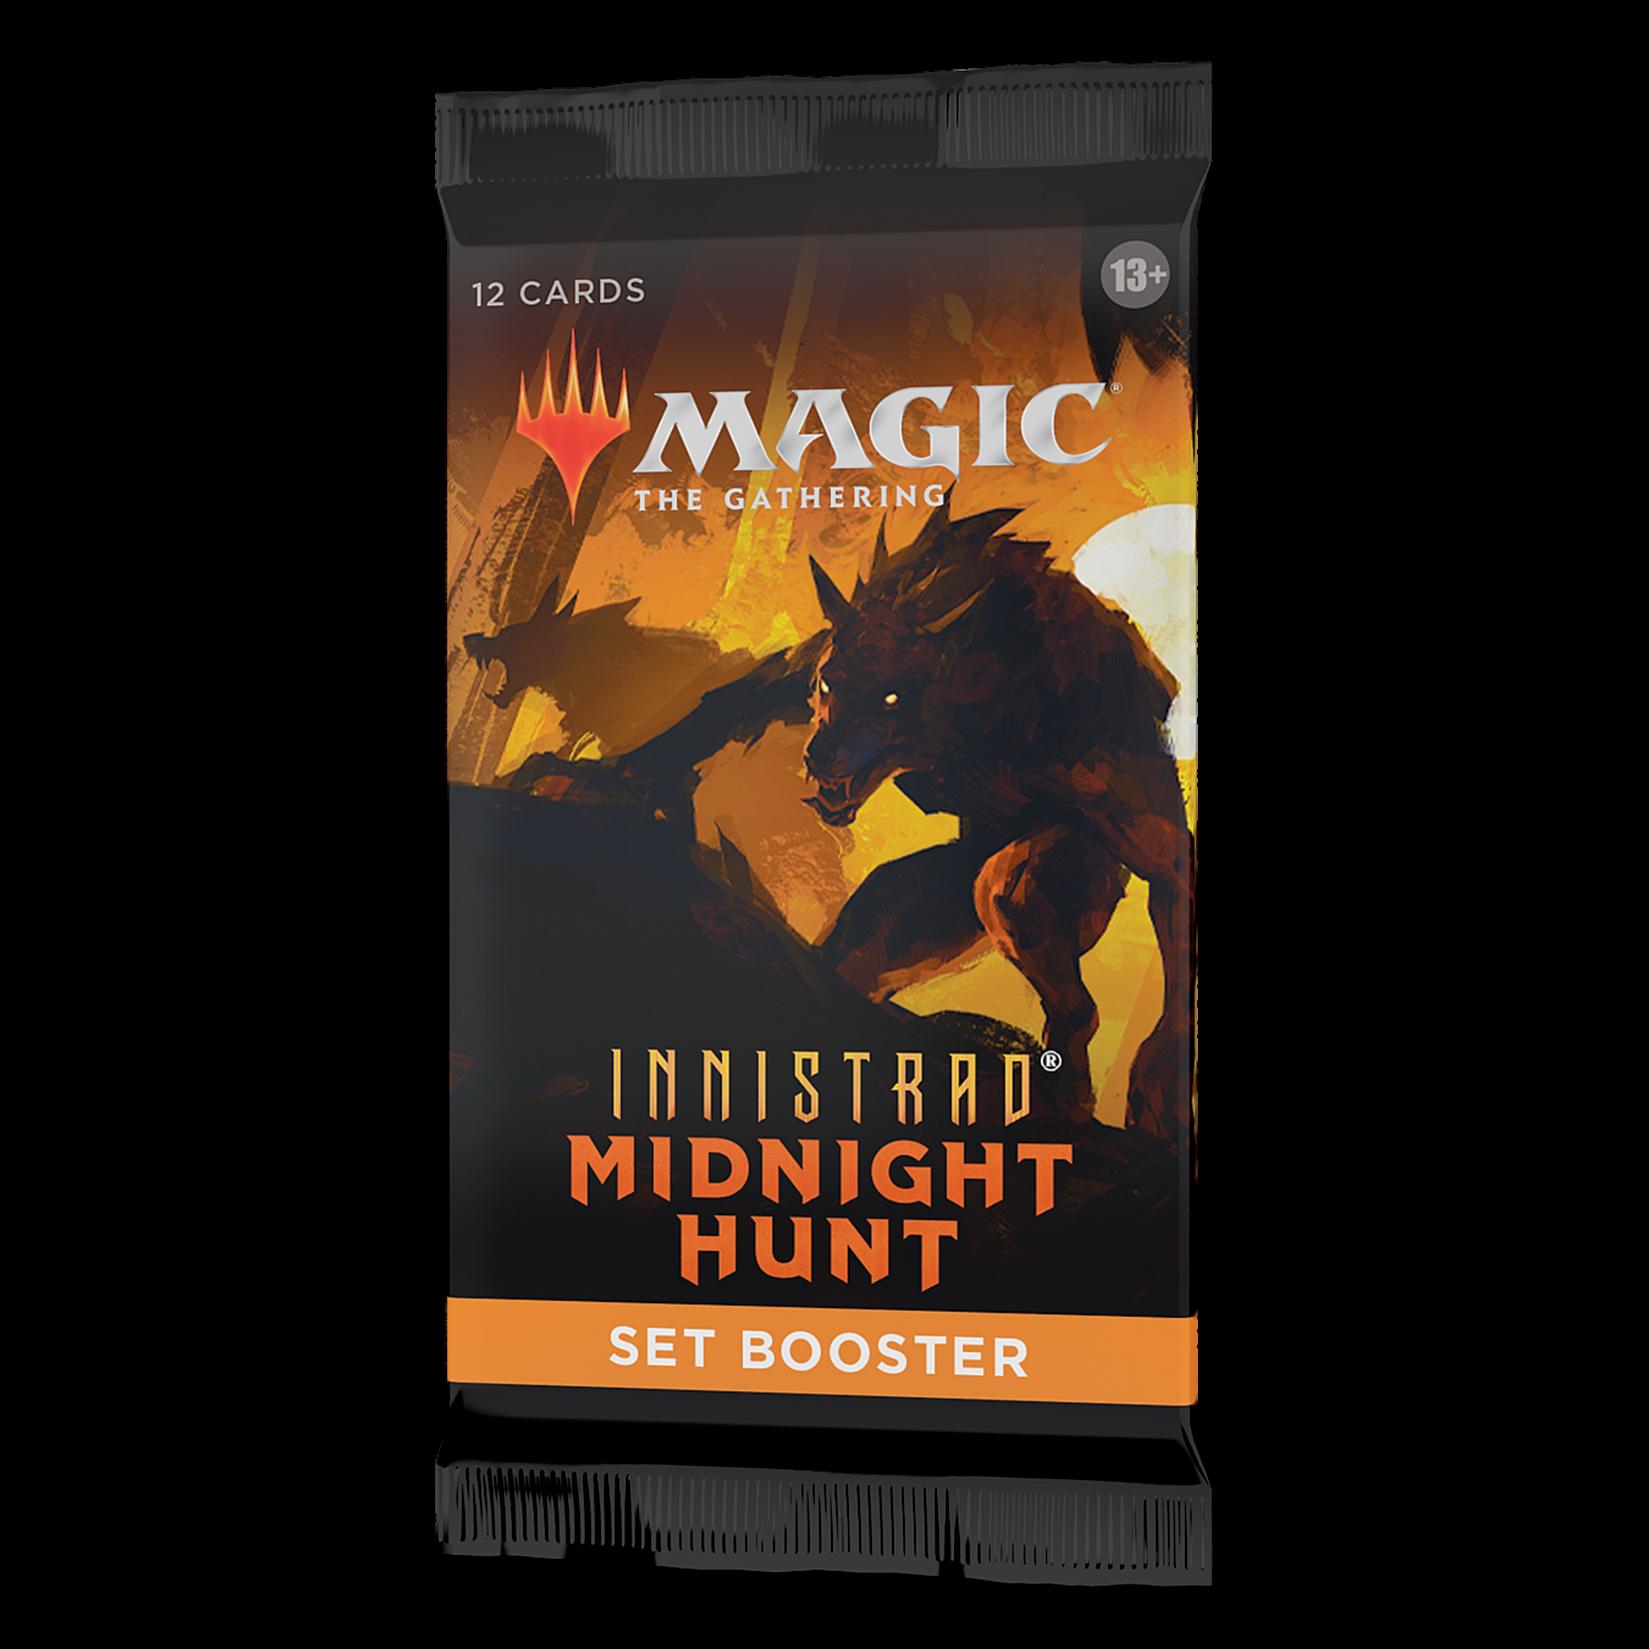 Innistrad Midnight Hunt Set Booster